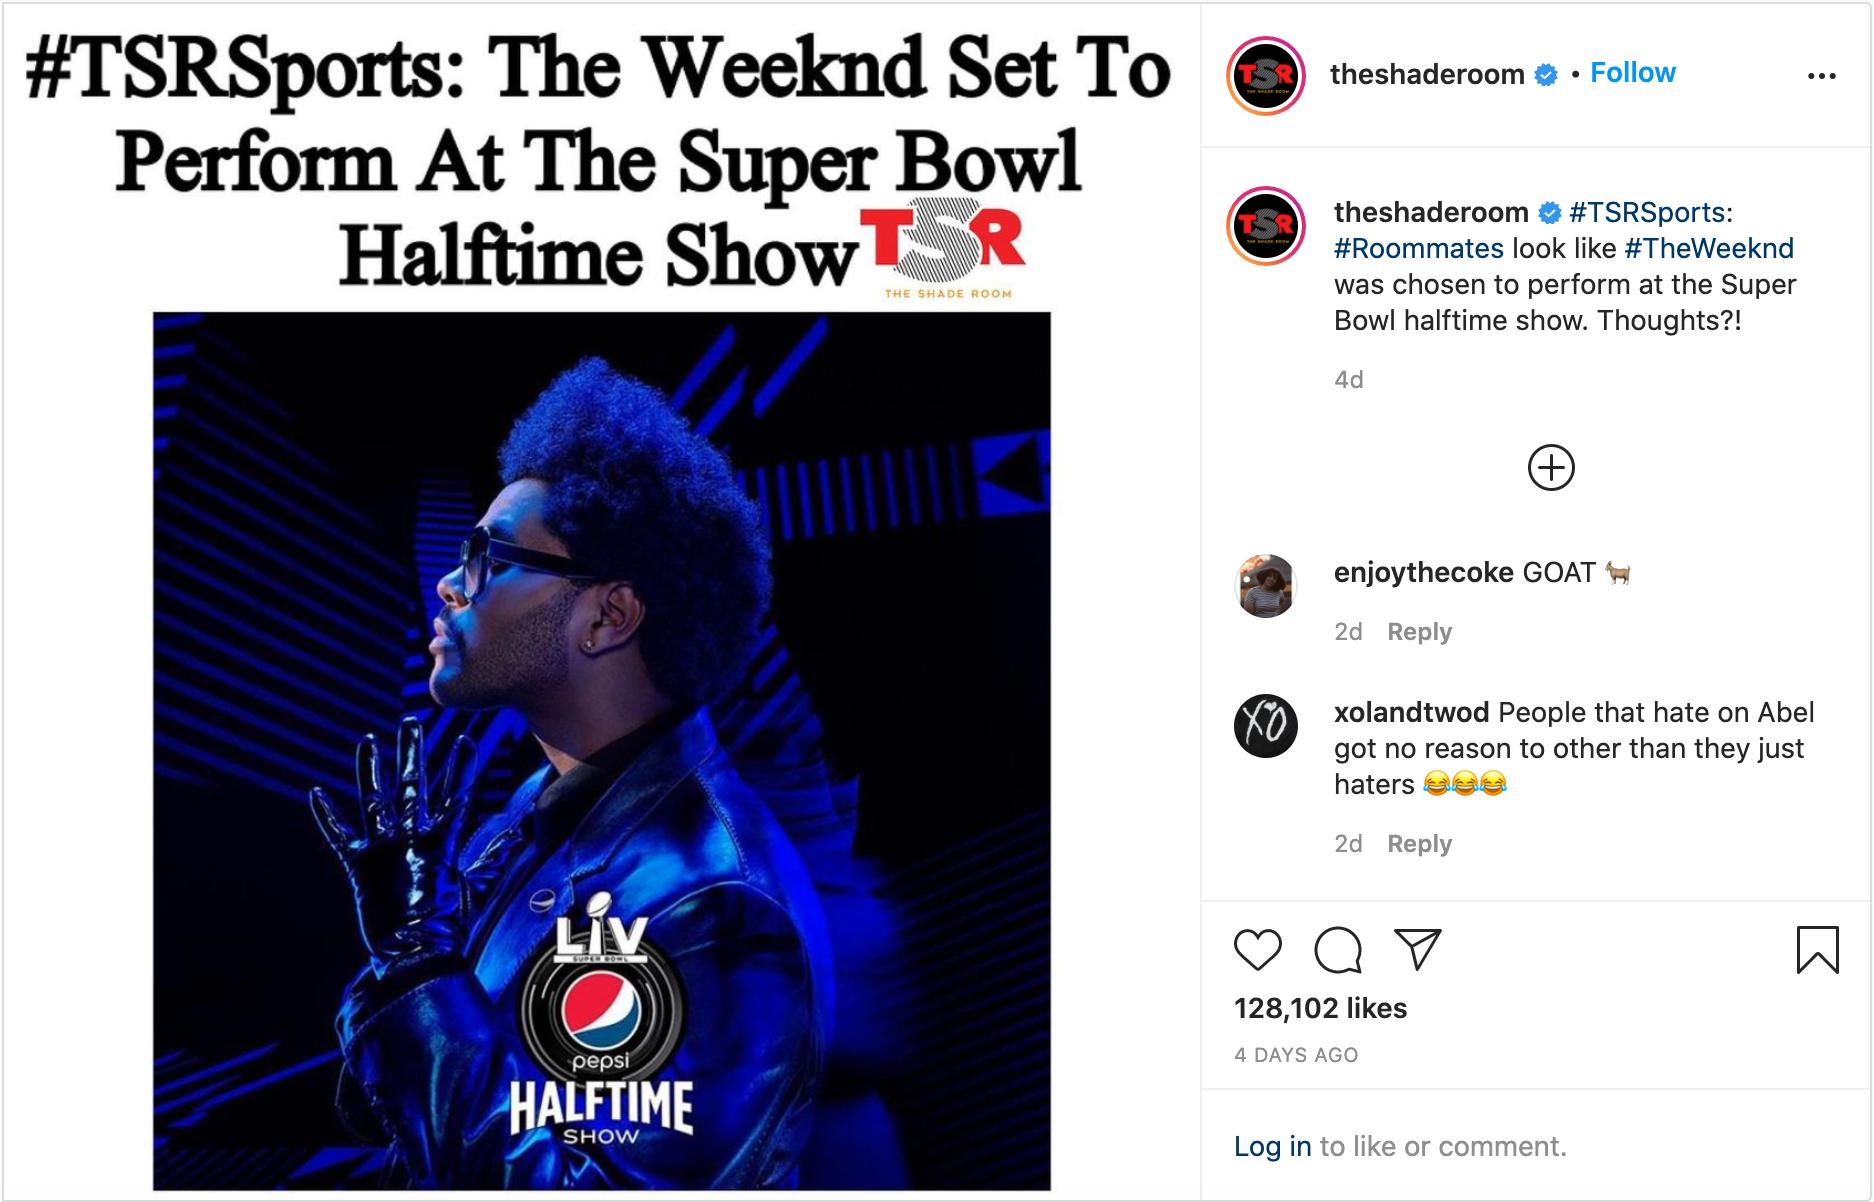 Super Bowl Insta Post 1